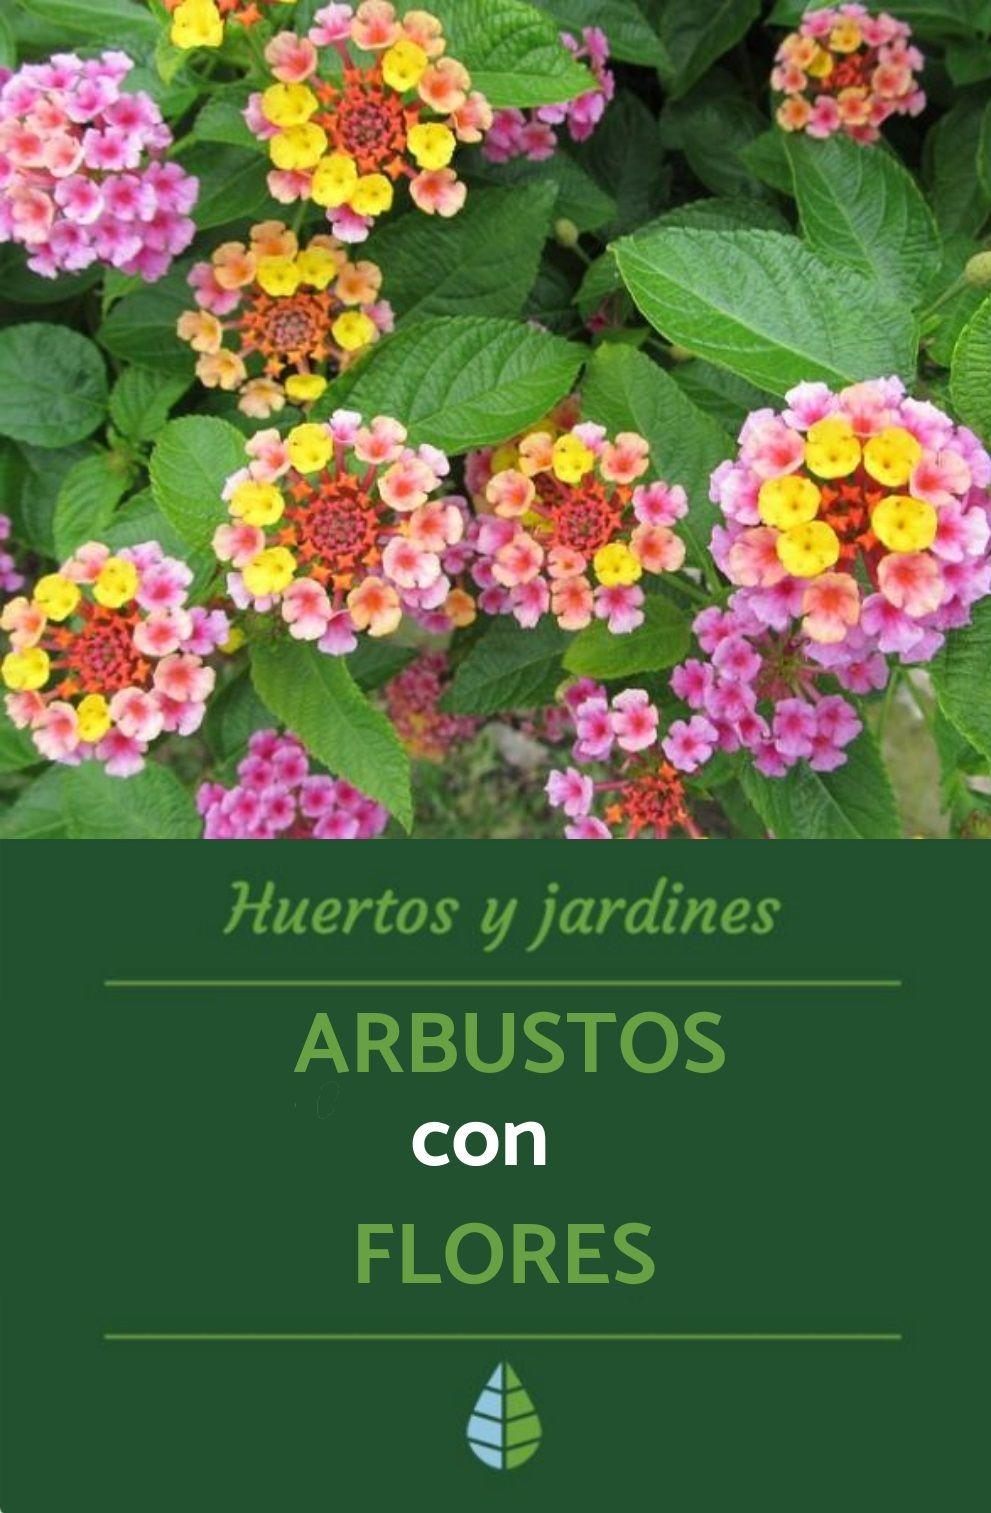 21 Arbustos Con Flores Nombres Y Fotos Arbustos Plantas Arbustos Arbustos De Hoja Perenne